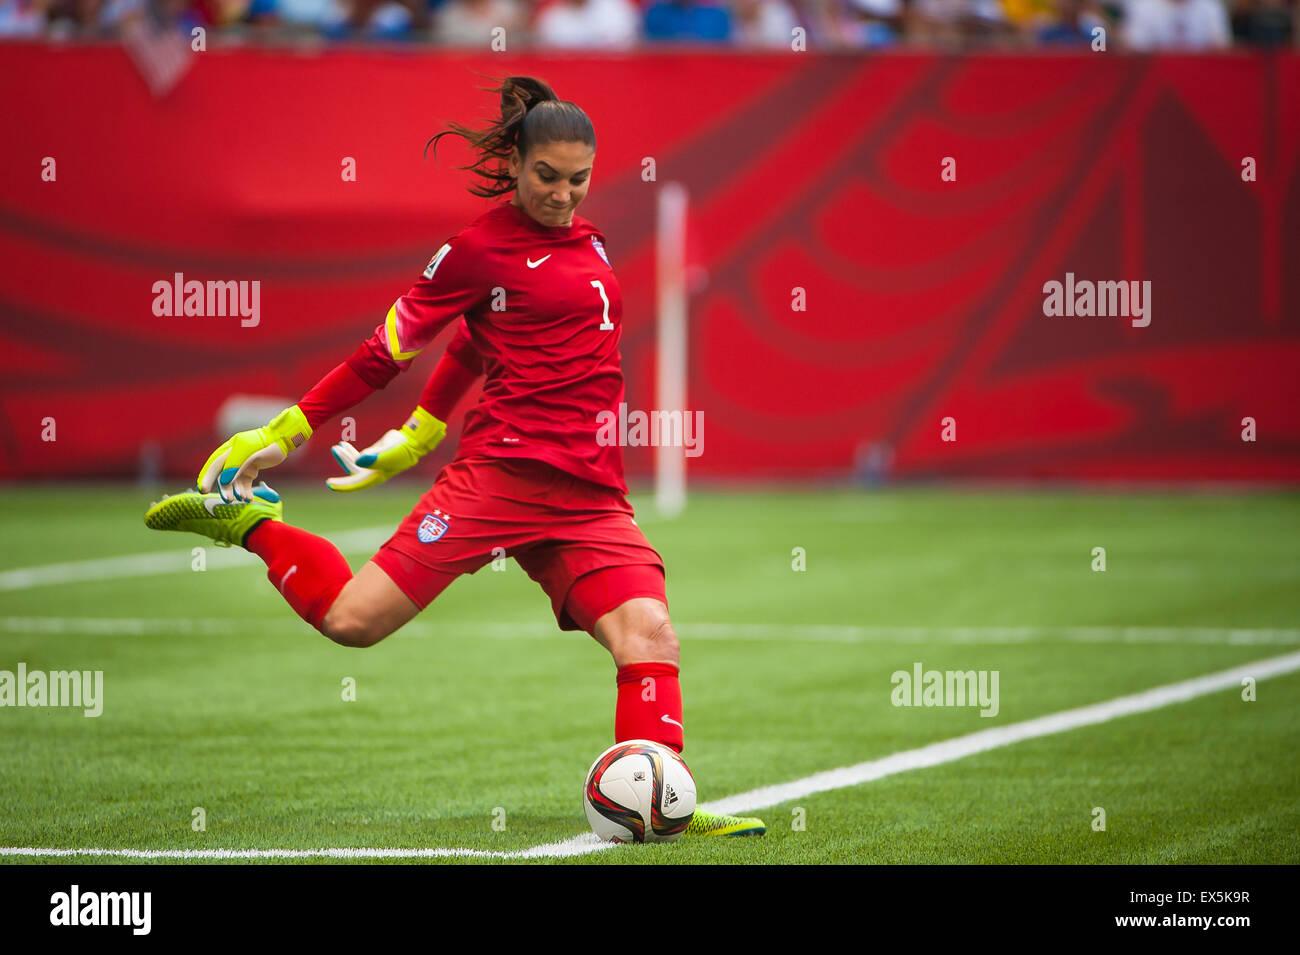 Vancouver, Kanada. 5. Juli 2015. während das WM-Finale zwischen den USA und Japan bei der FIFA Frauen WM Kanada Stockbild